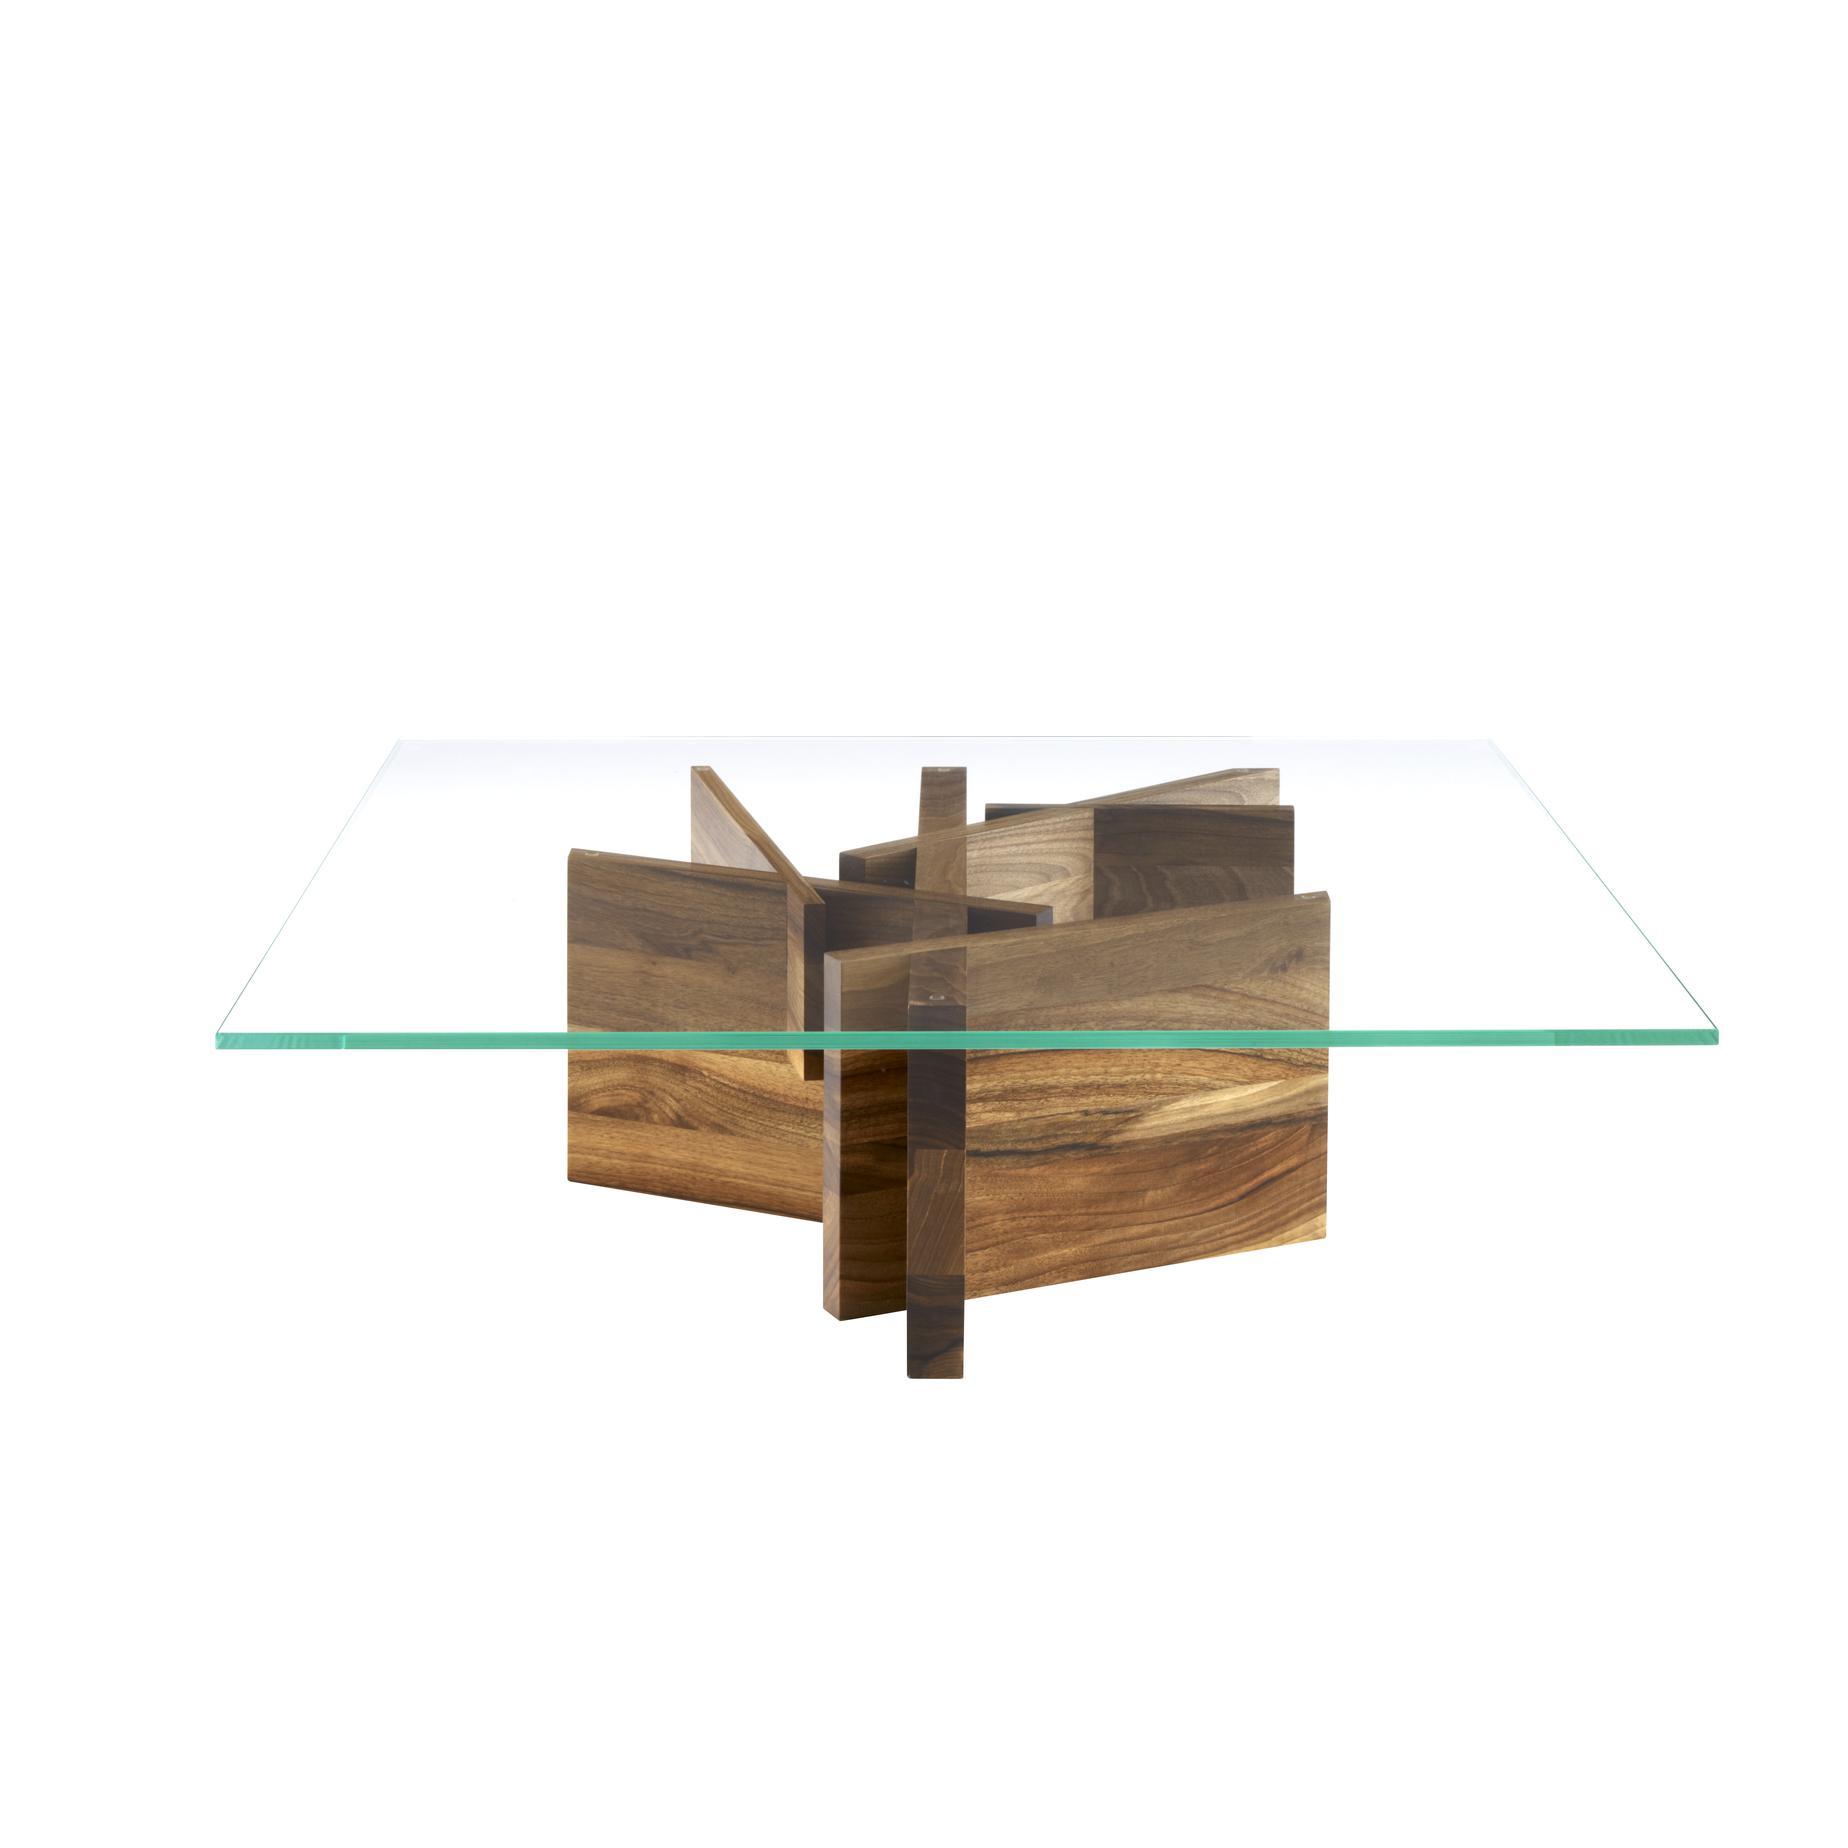 ASHERA Occasional Tables Designer Noémie Rognon